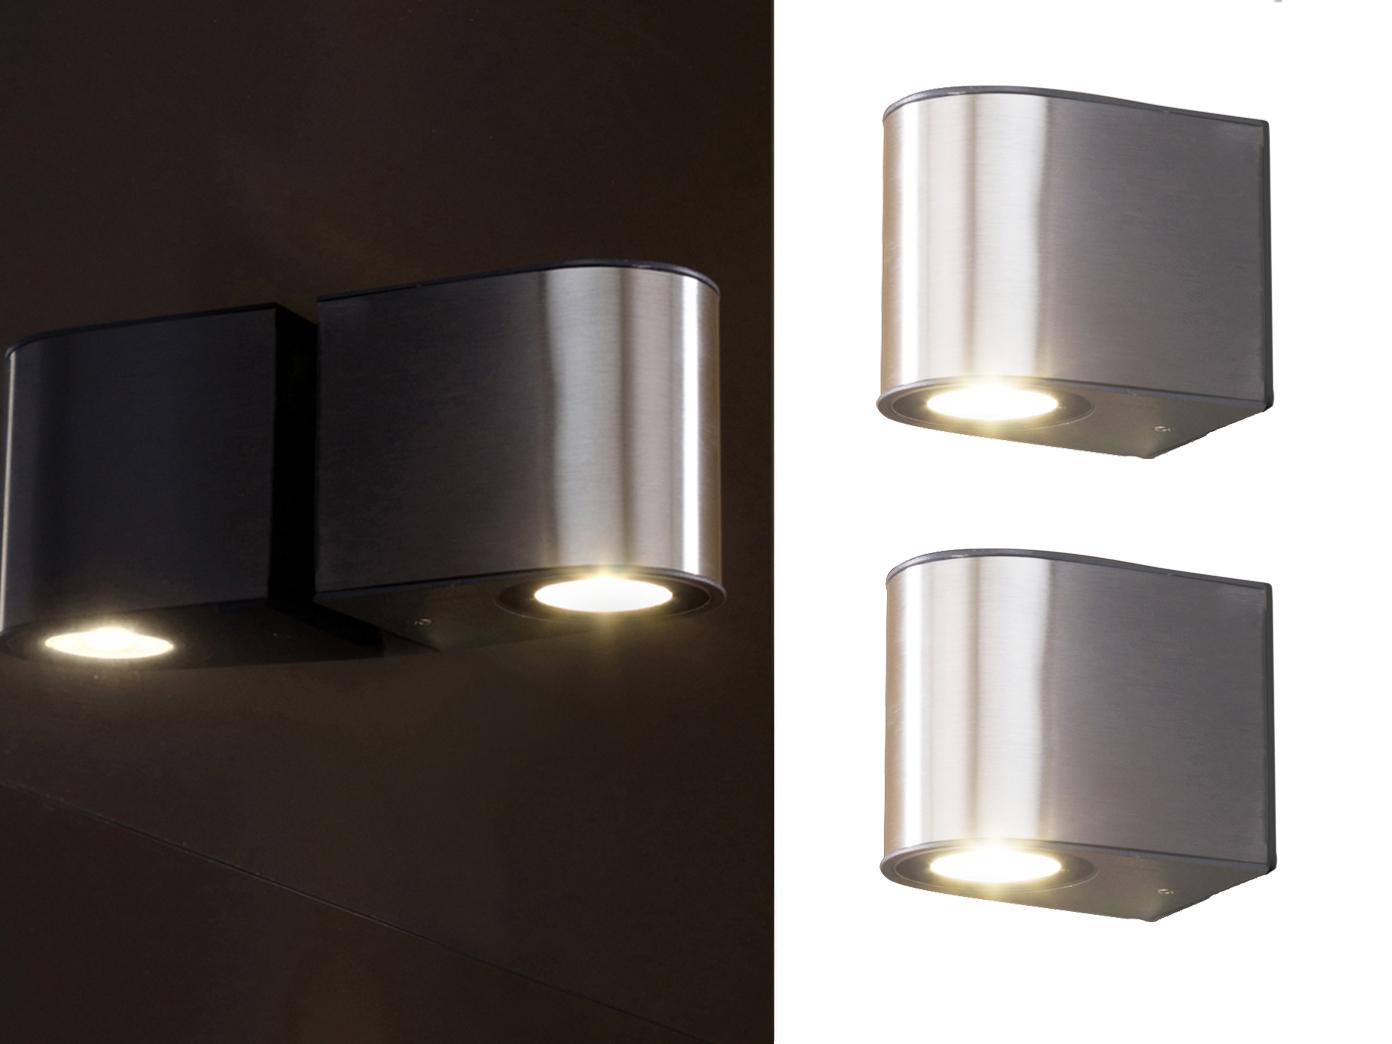 2 LED Außenleuchten Edelstahl Wandleuchte IP54 H.8cm Up U0026 Downlight  Wegeleuchte